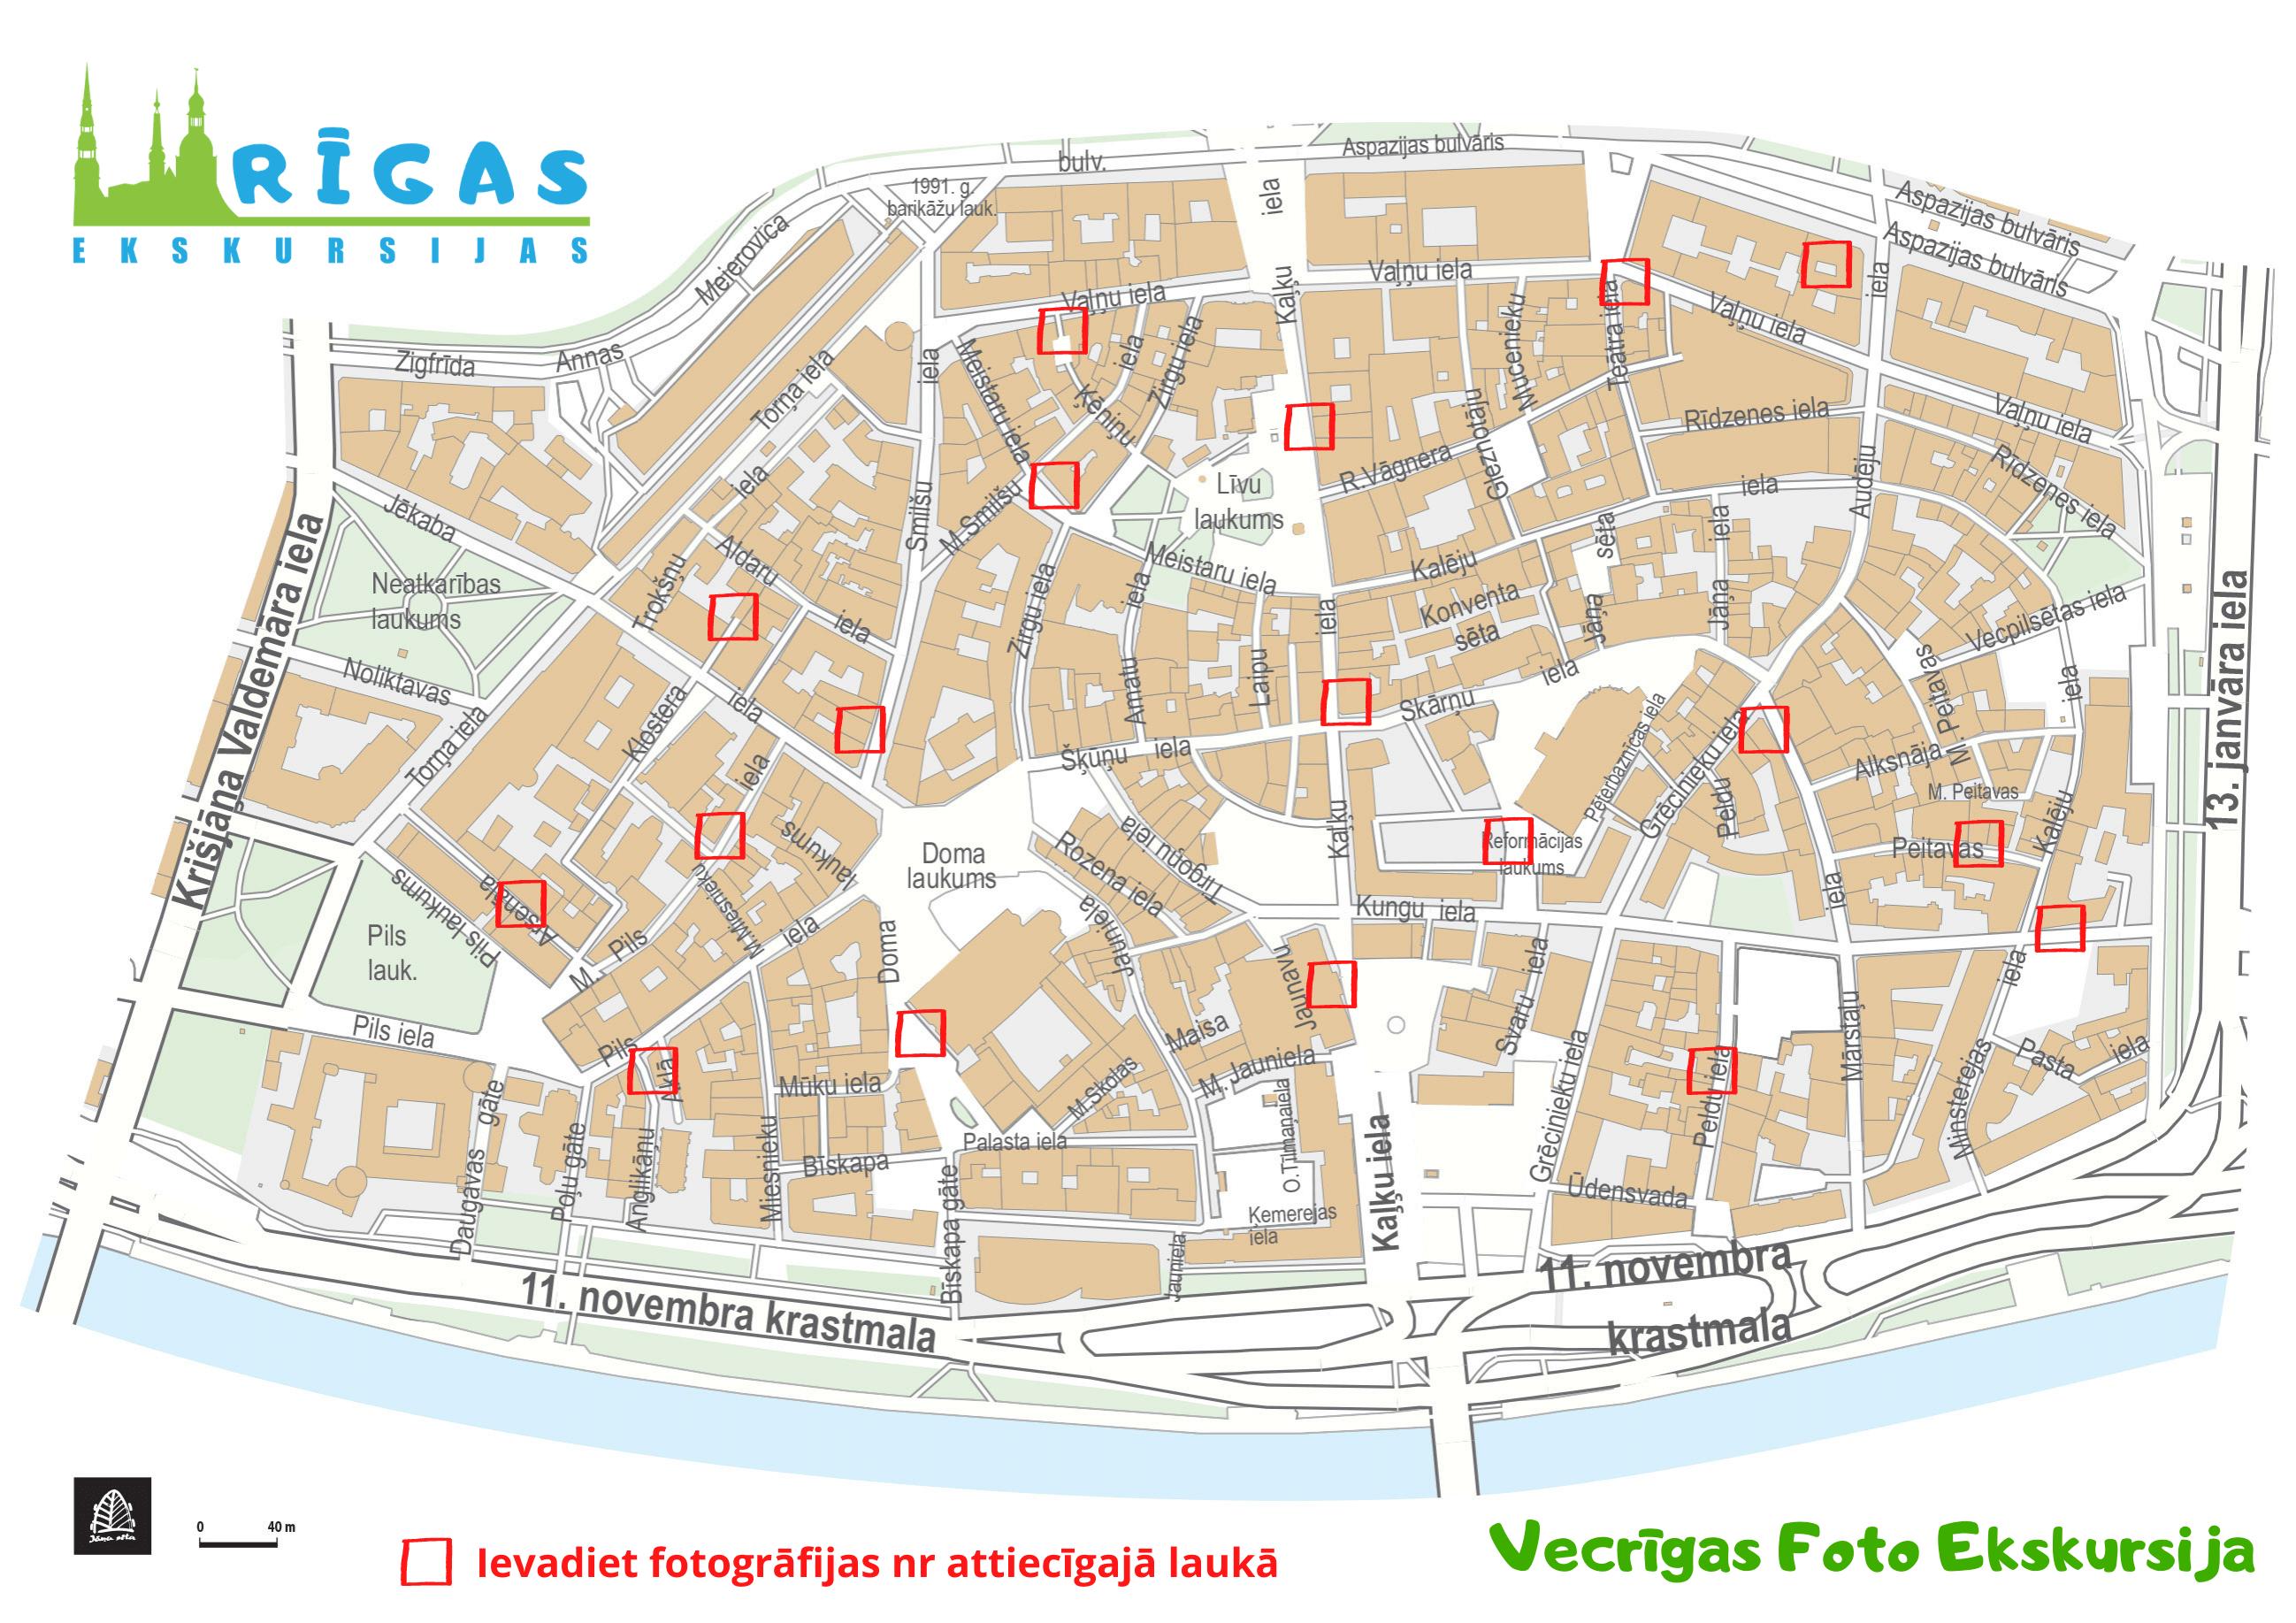 Rīgas foto ekskursijas karte